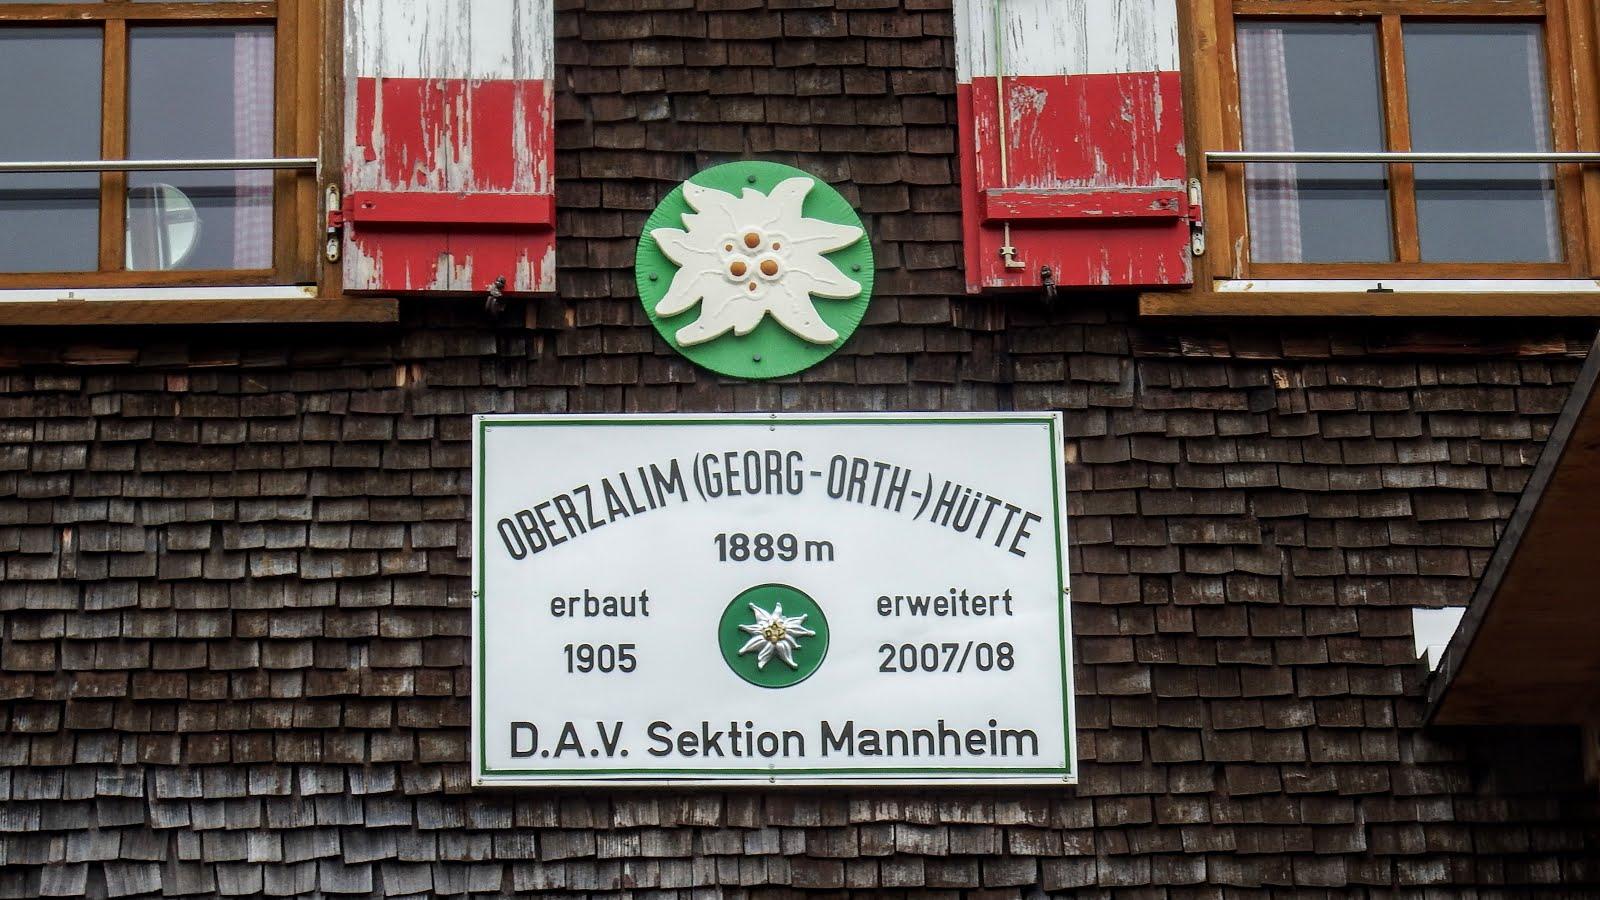 Oberzalimhutte